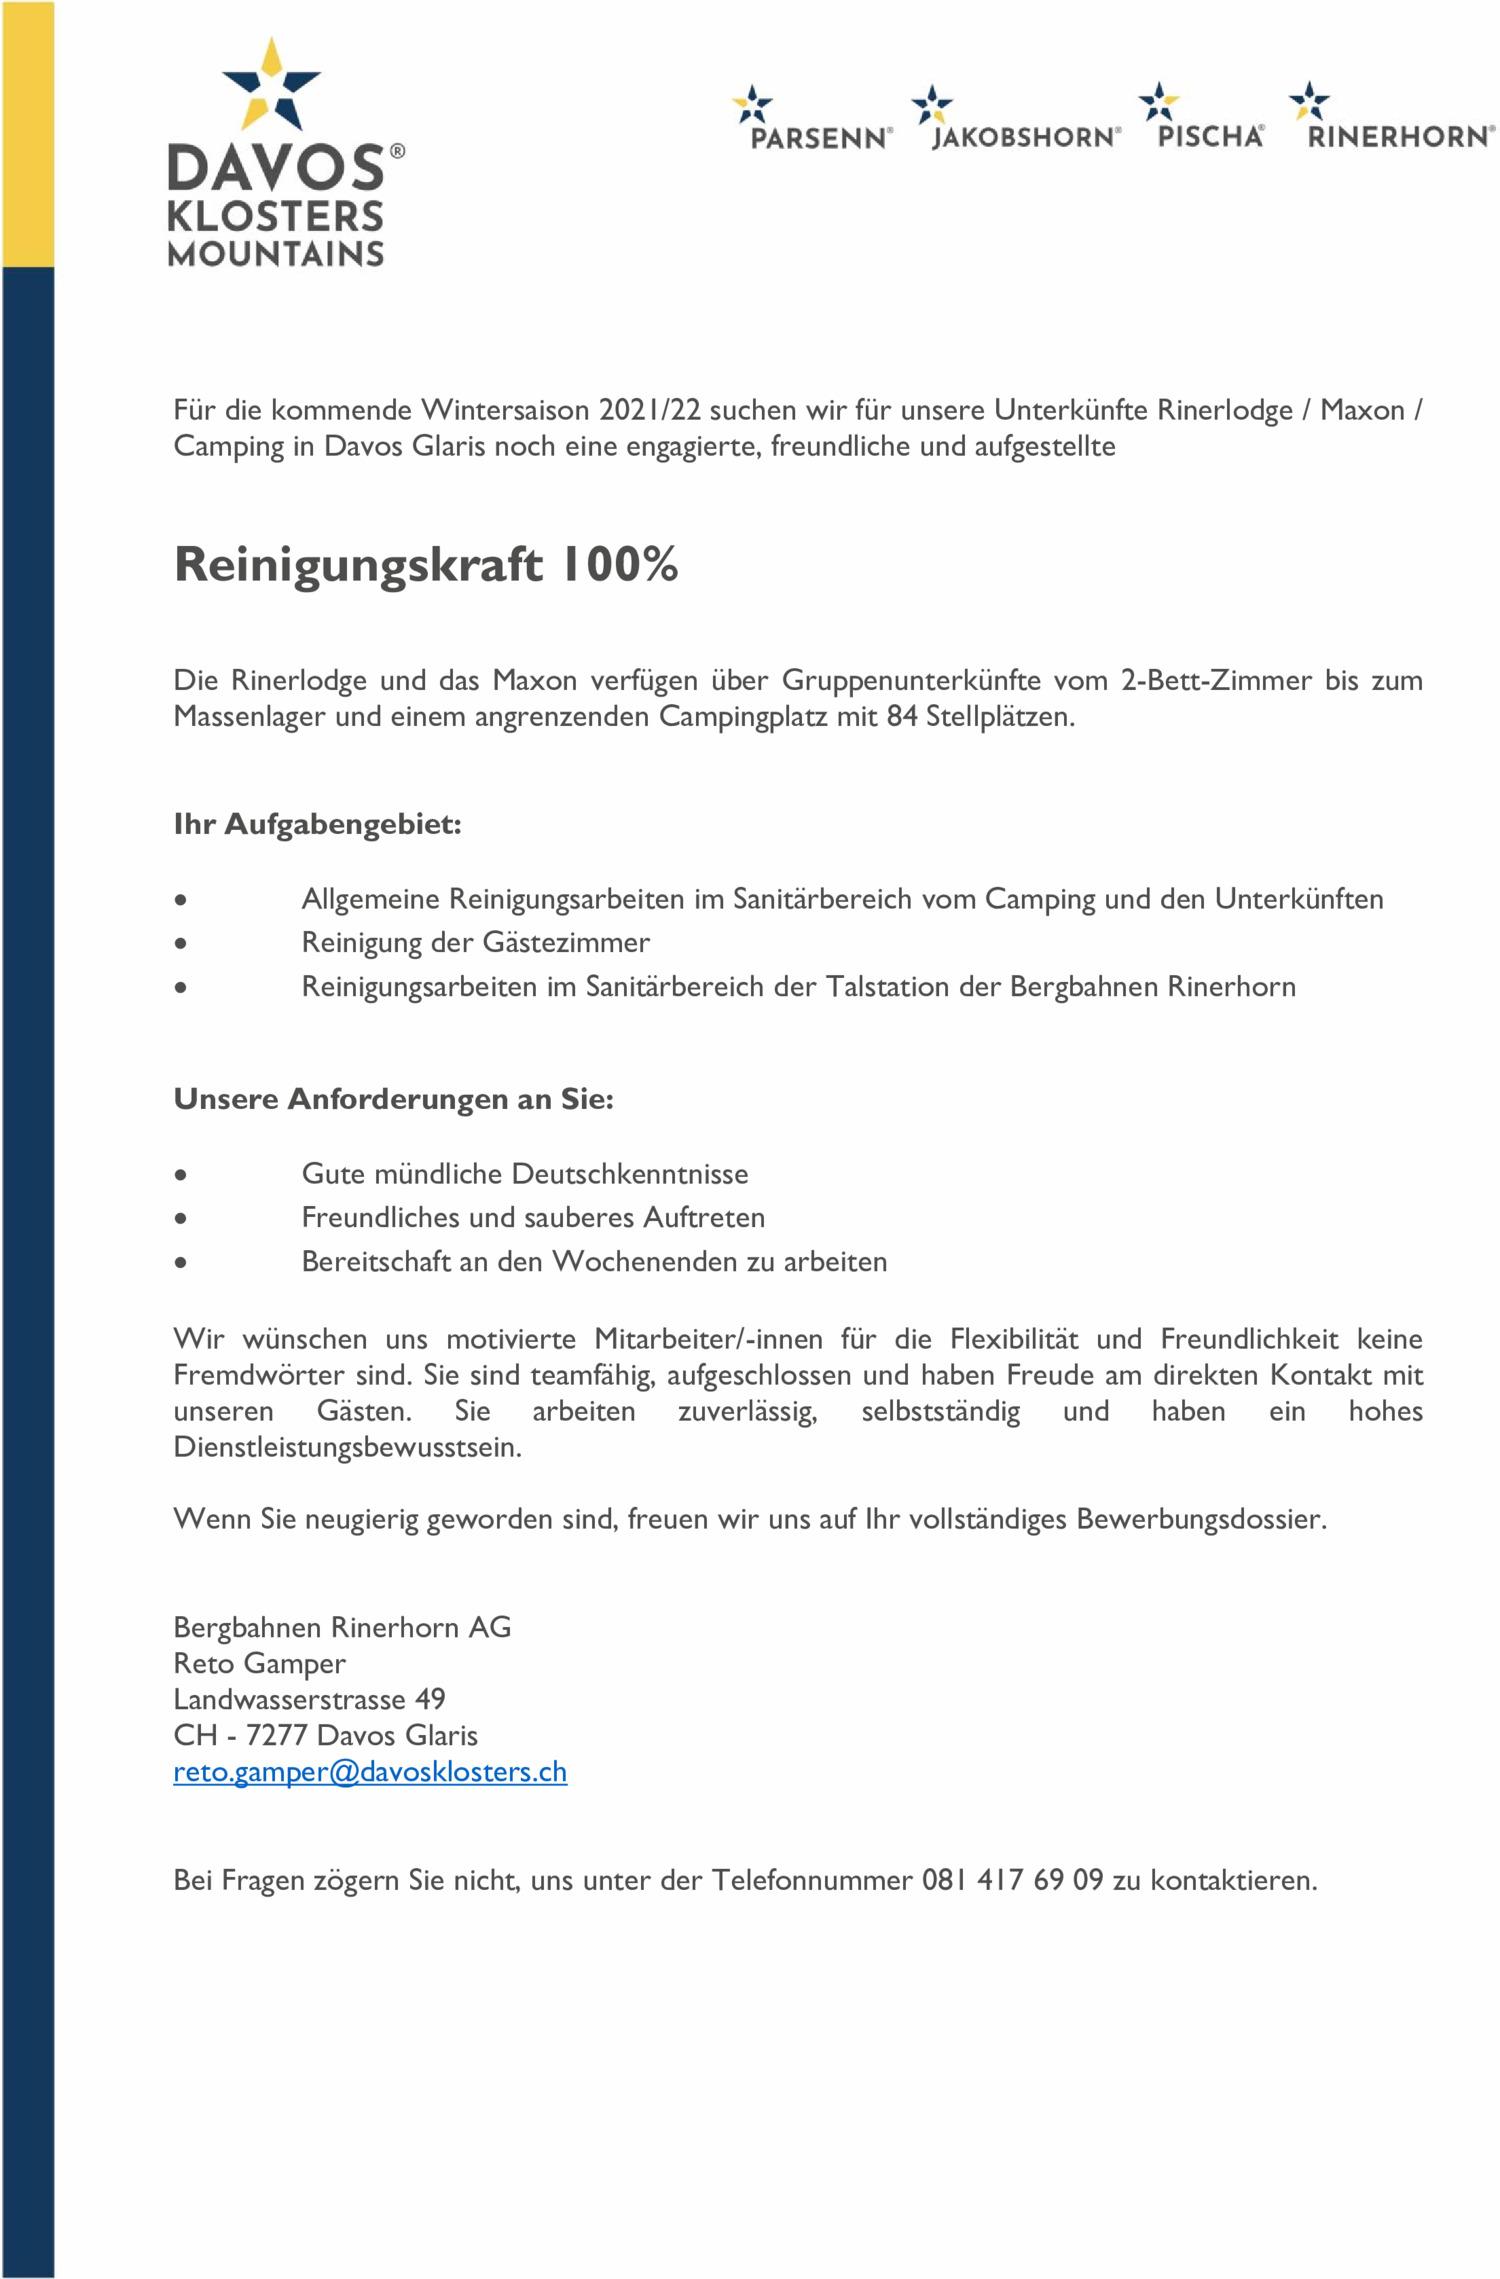 Inserat Bergbahnen Rinerhorn AG: Reinigungskraft 100%